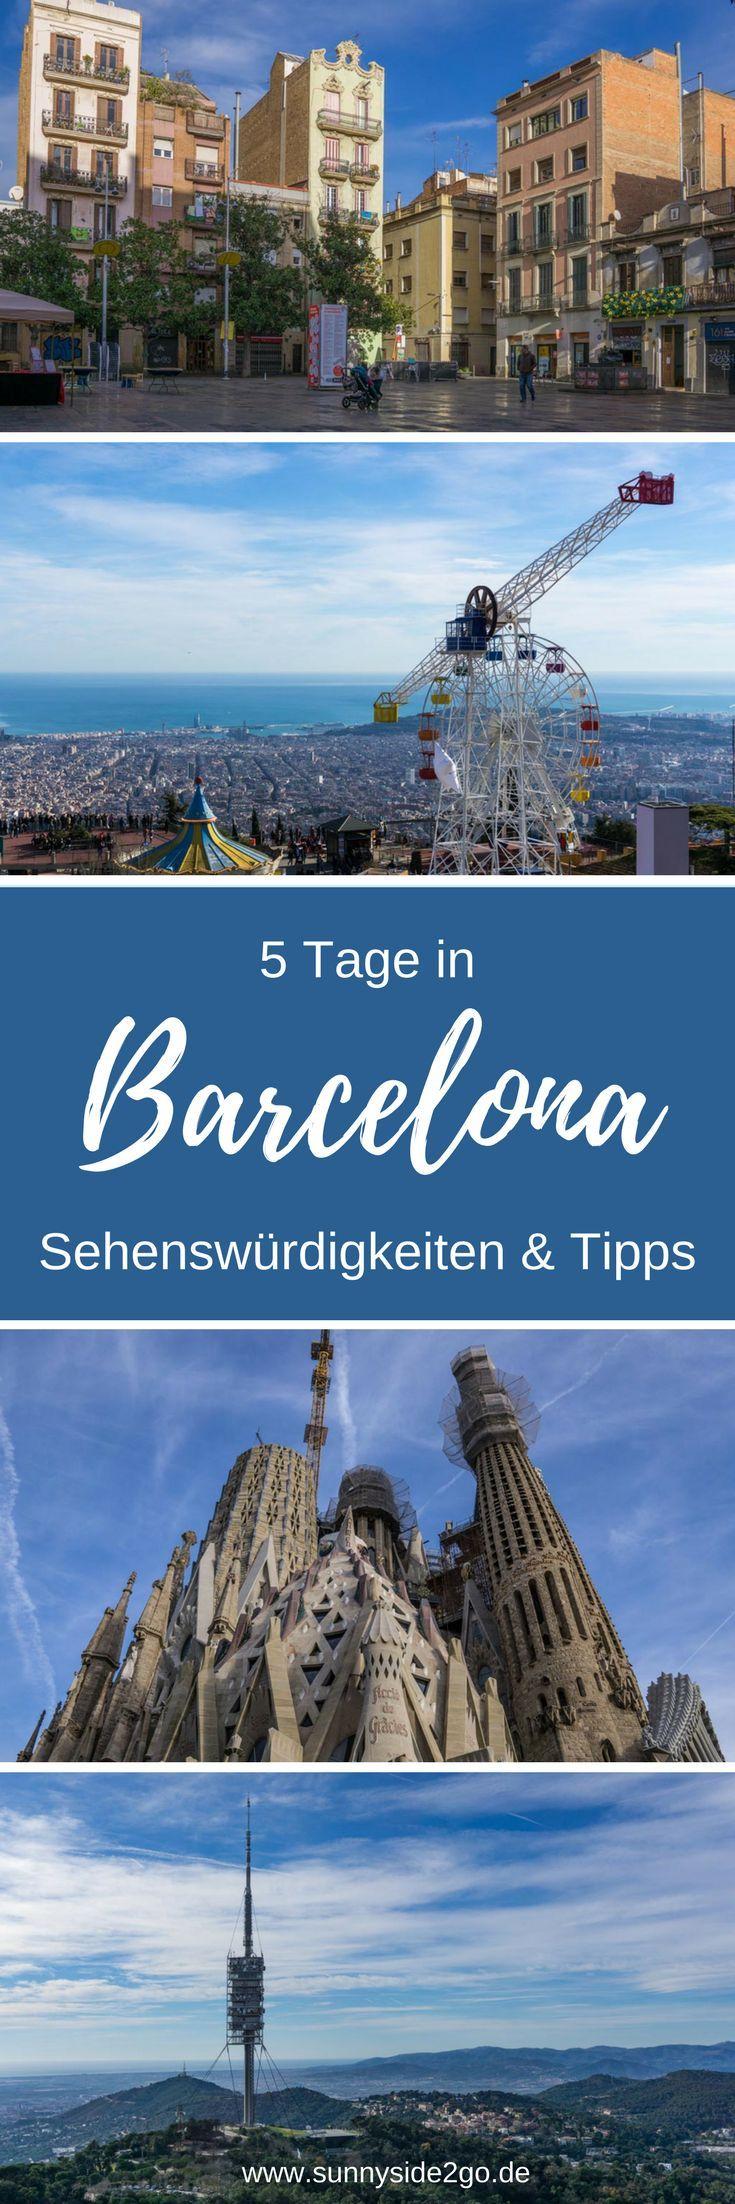 Sehenswürdigkeiten und Tipps für Barcelona